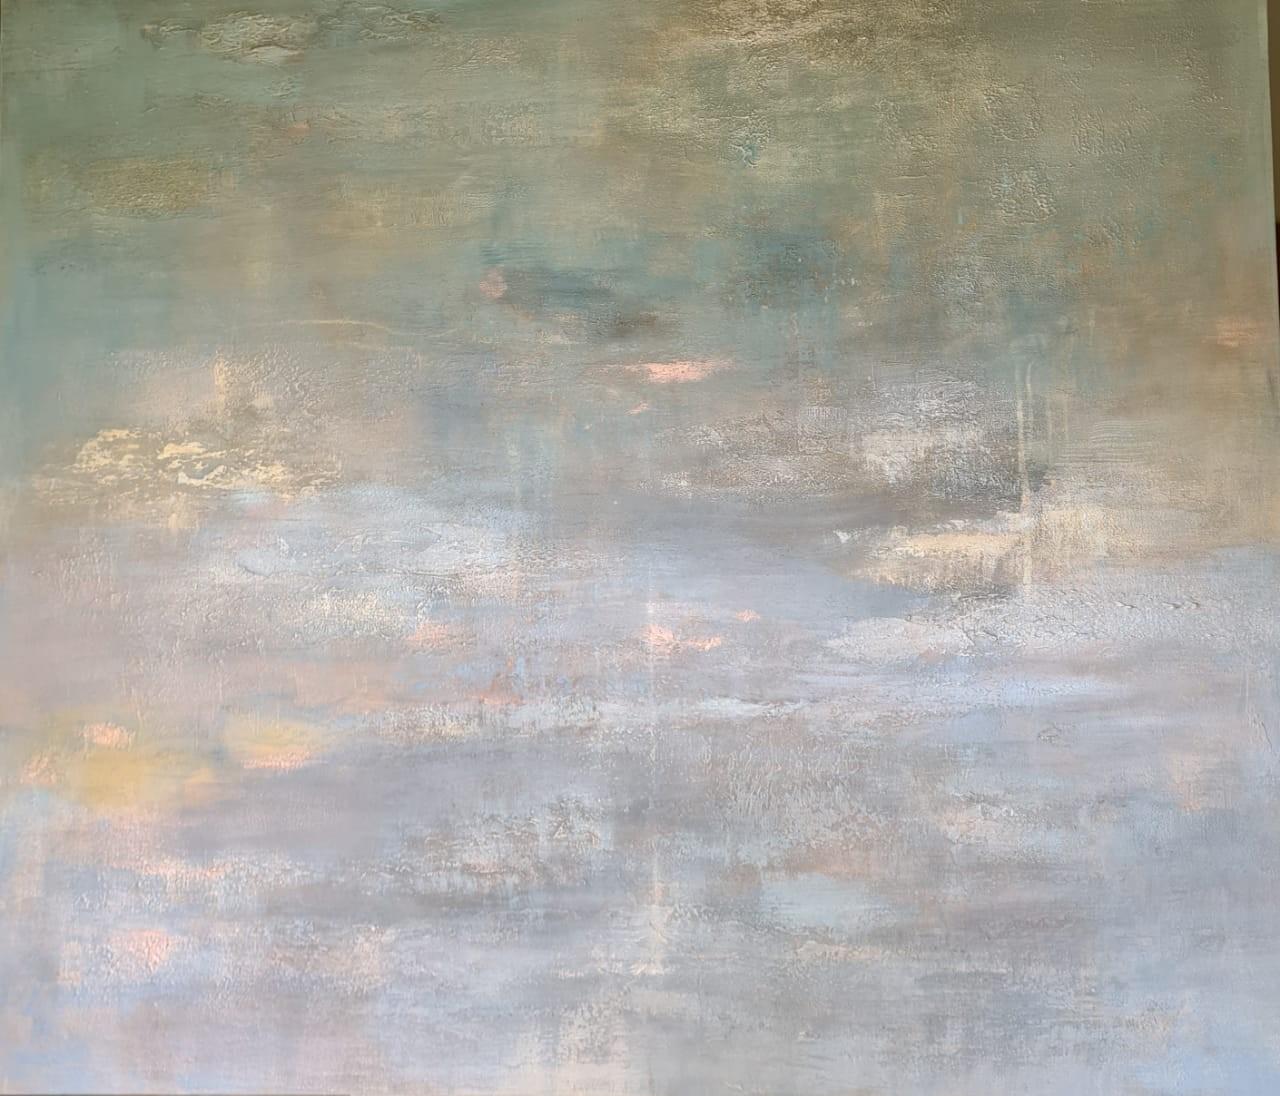 Moonlight shadows 2 by Jean wijesekera